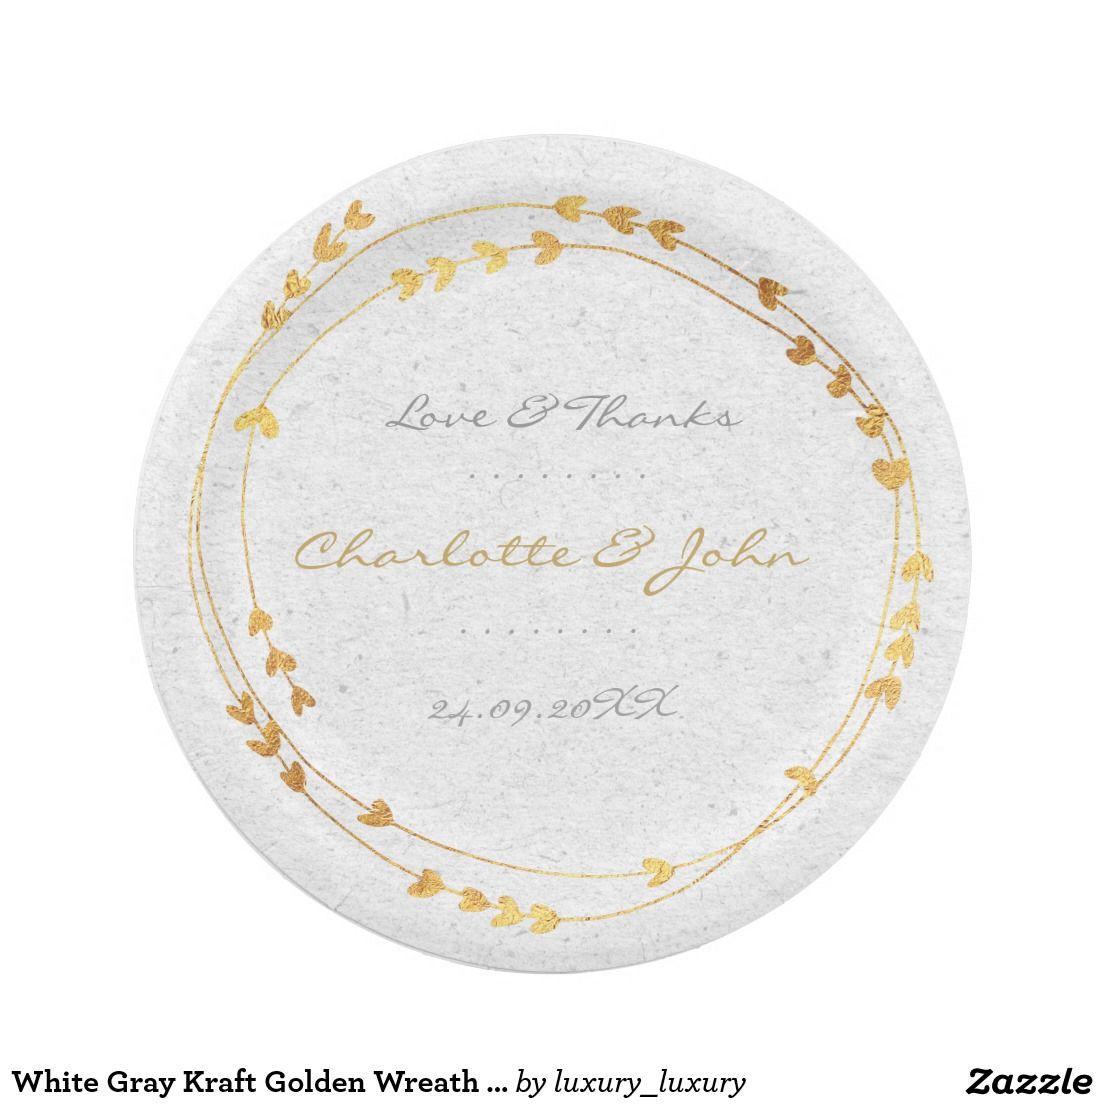 White Gray Kraft Golden Wreath Heart Wedding 7 Inch Paper Plate  sc 1 st  Pinterest & White Gray Kraft Golden Wreath Heart Wedding 7 Inch Paper Plate ...